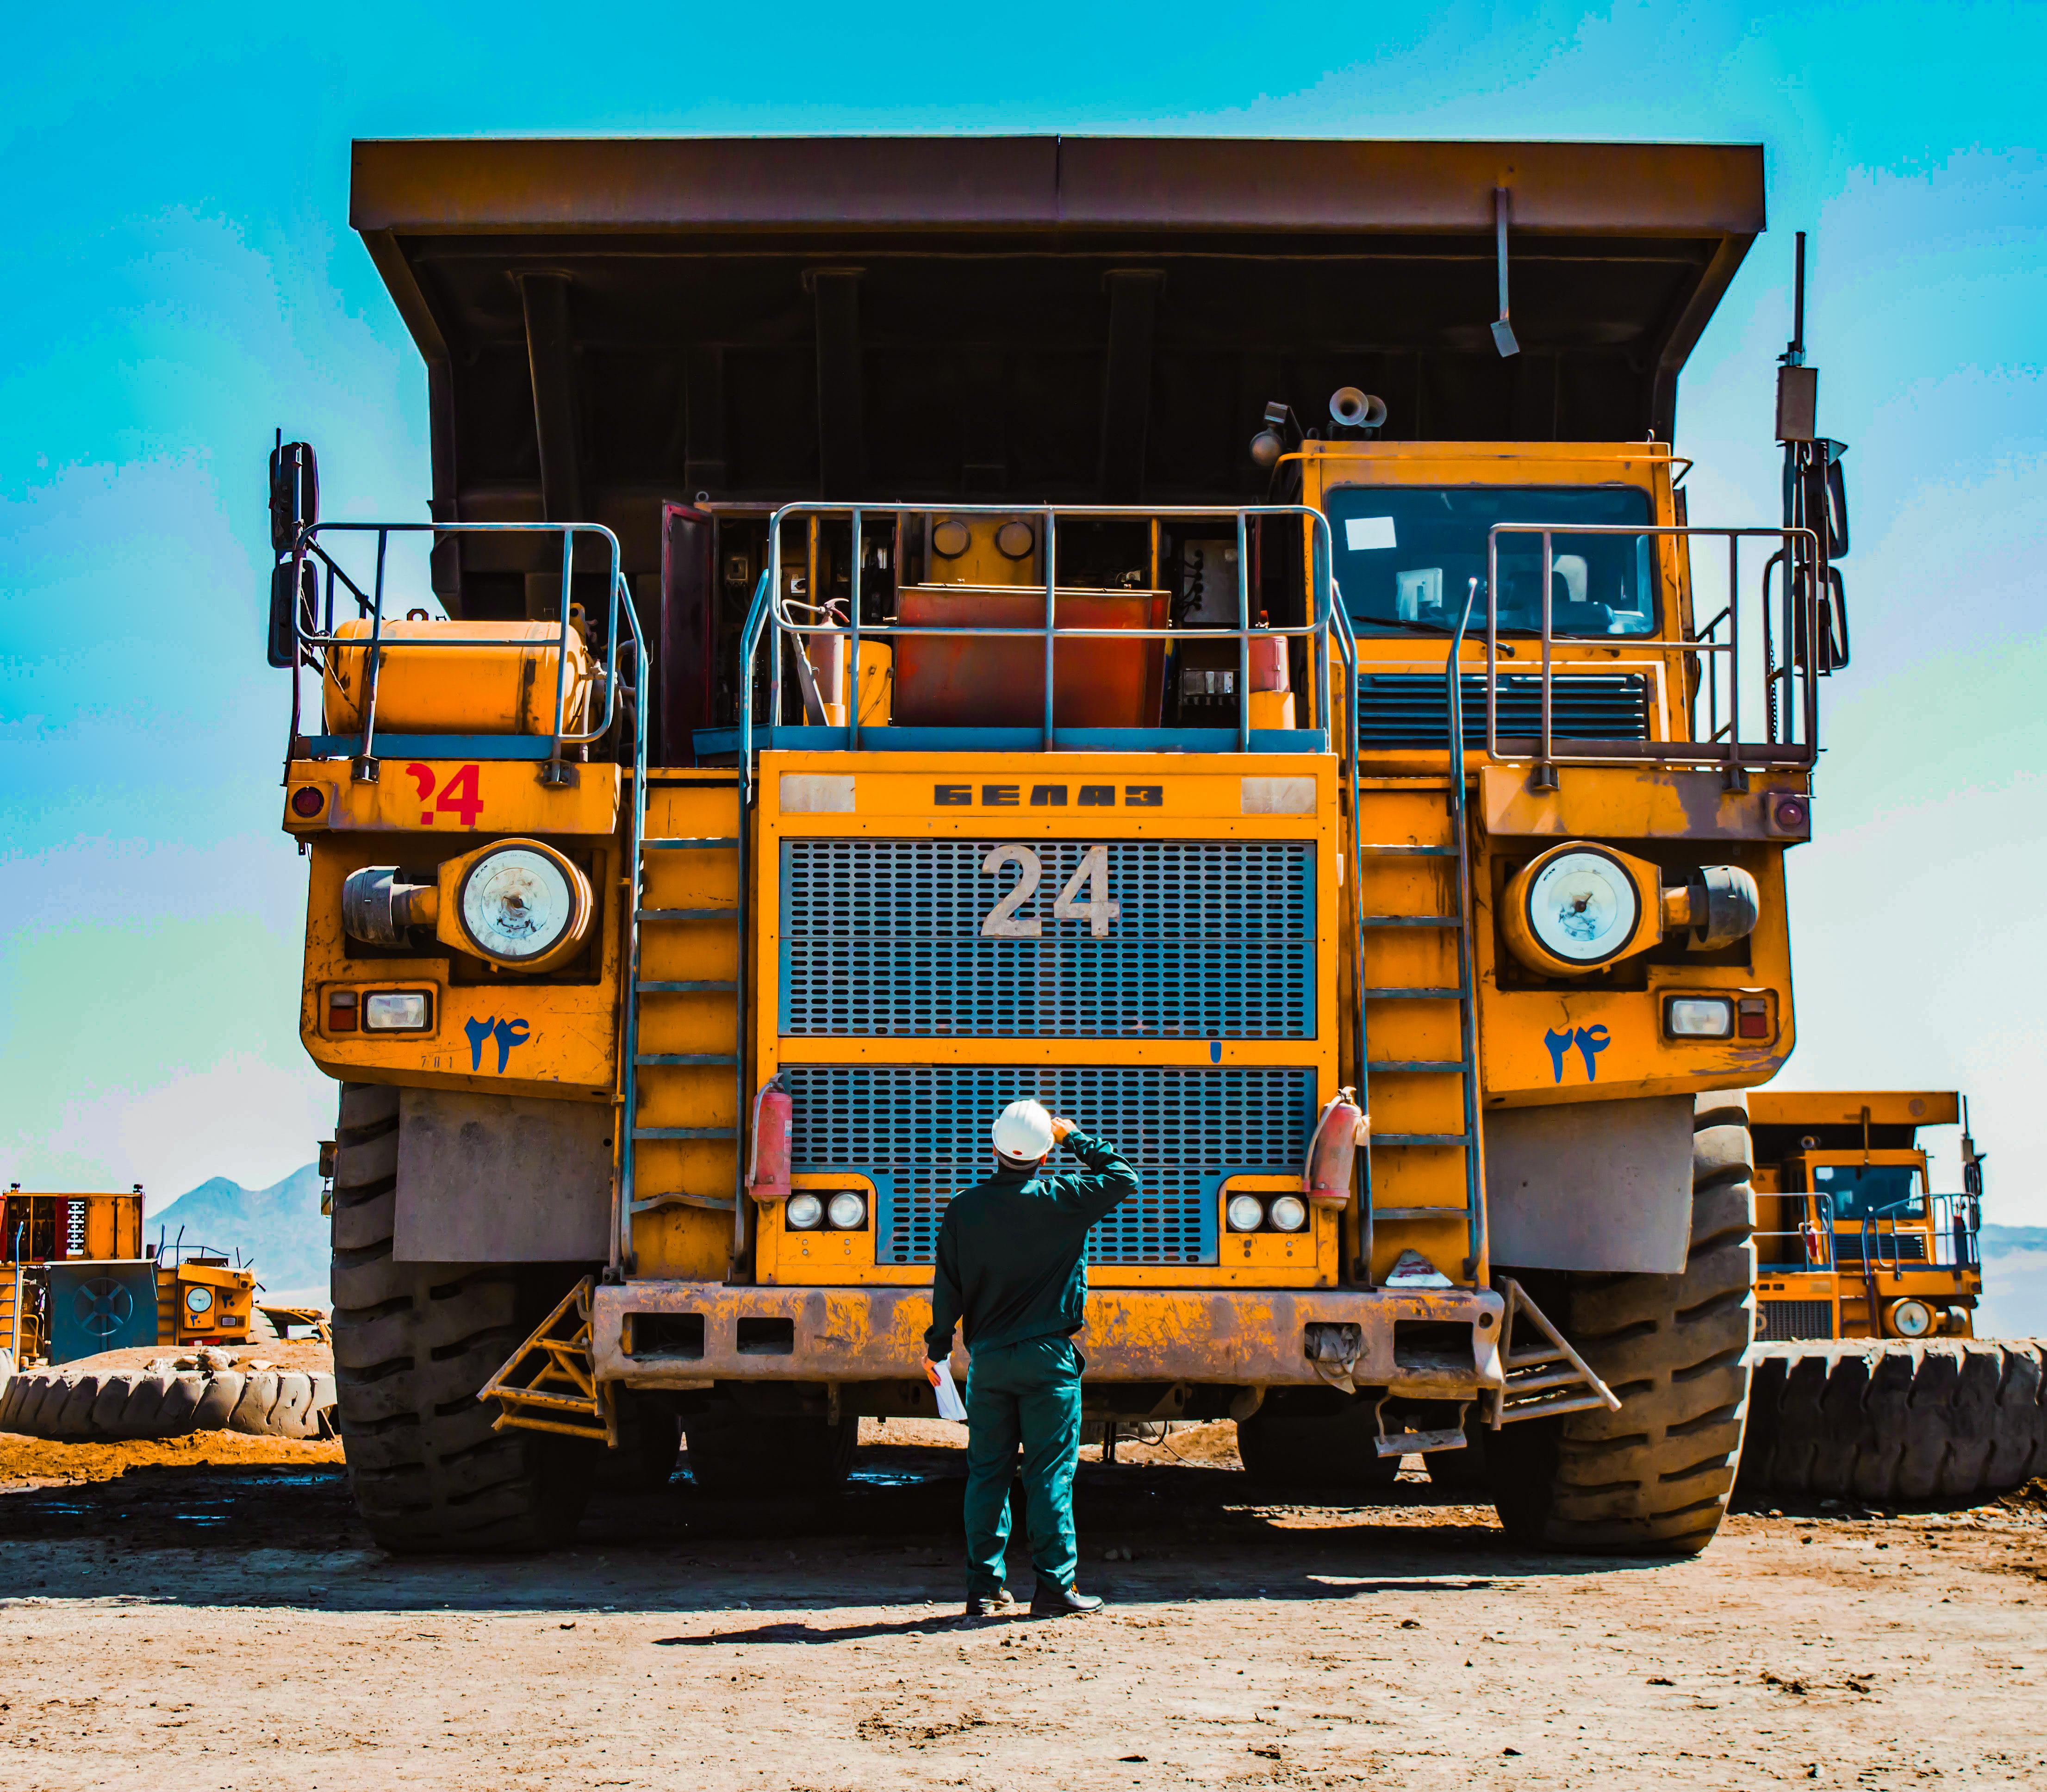 Caminhões de minas têm peso operacional máximo que por vezes supera aviões como Boeing 747-8 e Airbus A380